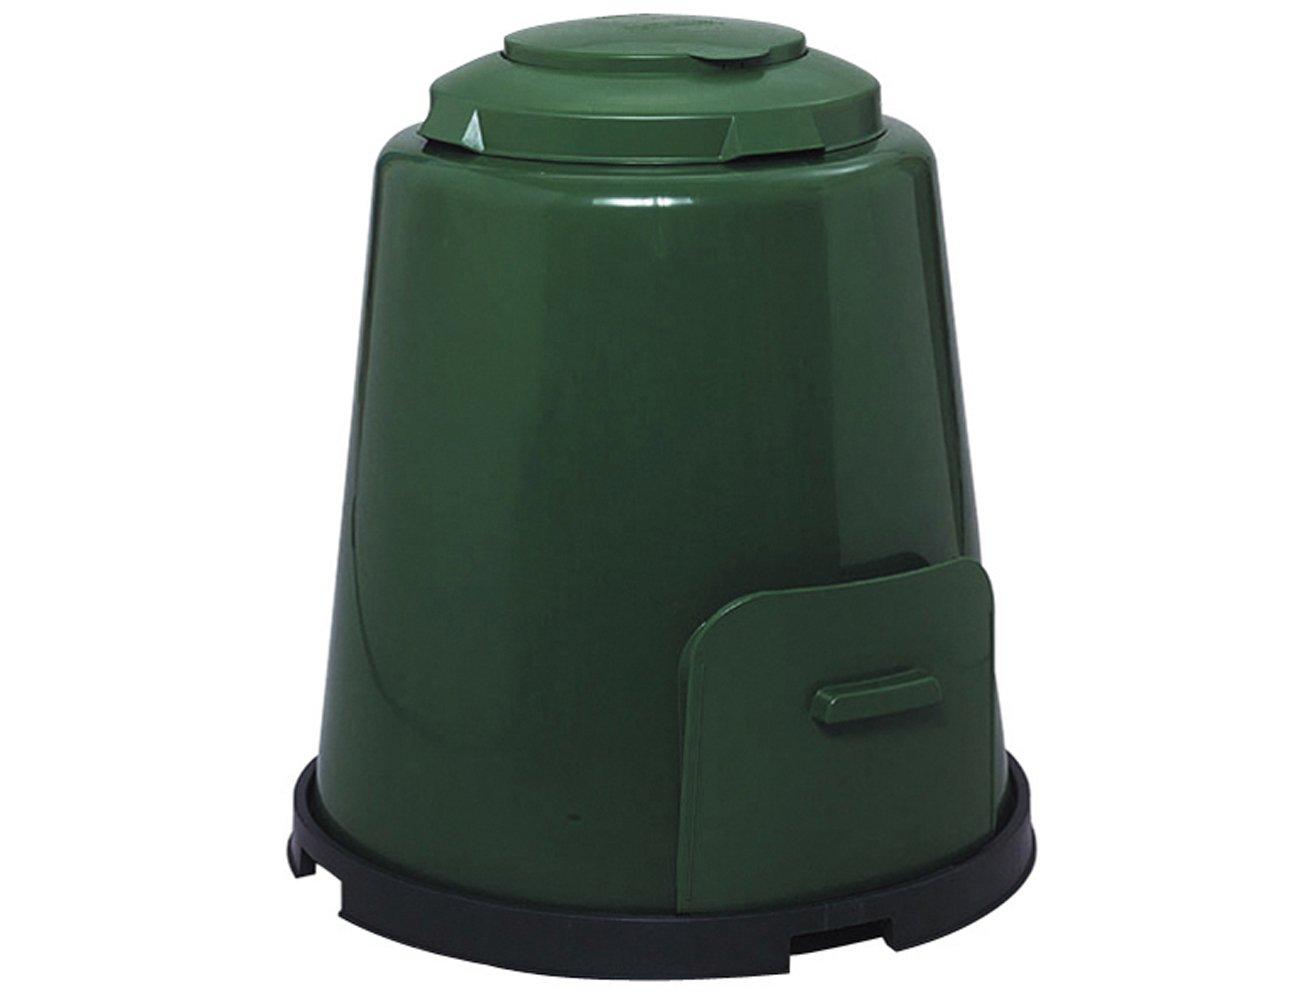 Tierra Garden 600012 Polypropylene 74-Gallon Rapid Composter